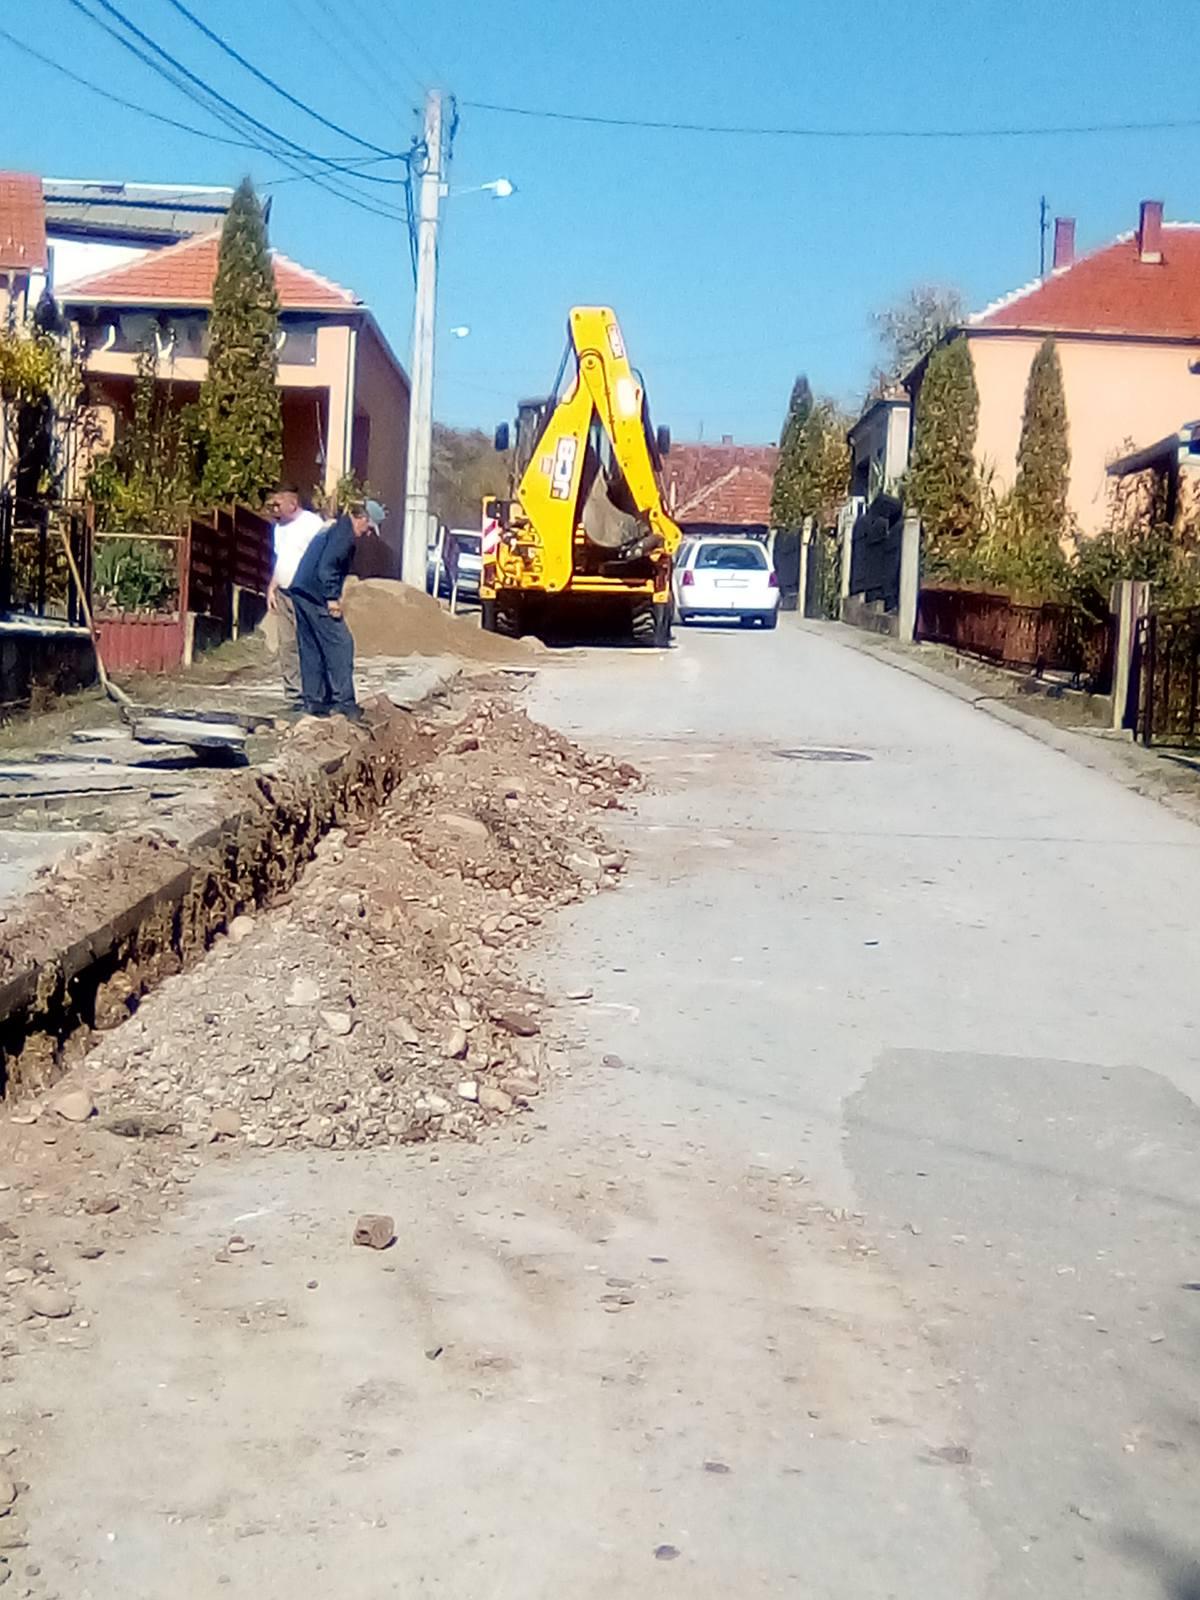 Radovi na rekonstrukciji vodovodne mreže, foto: L.T.